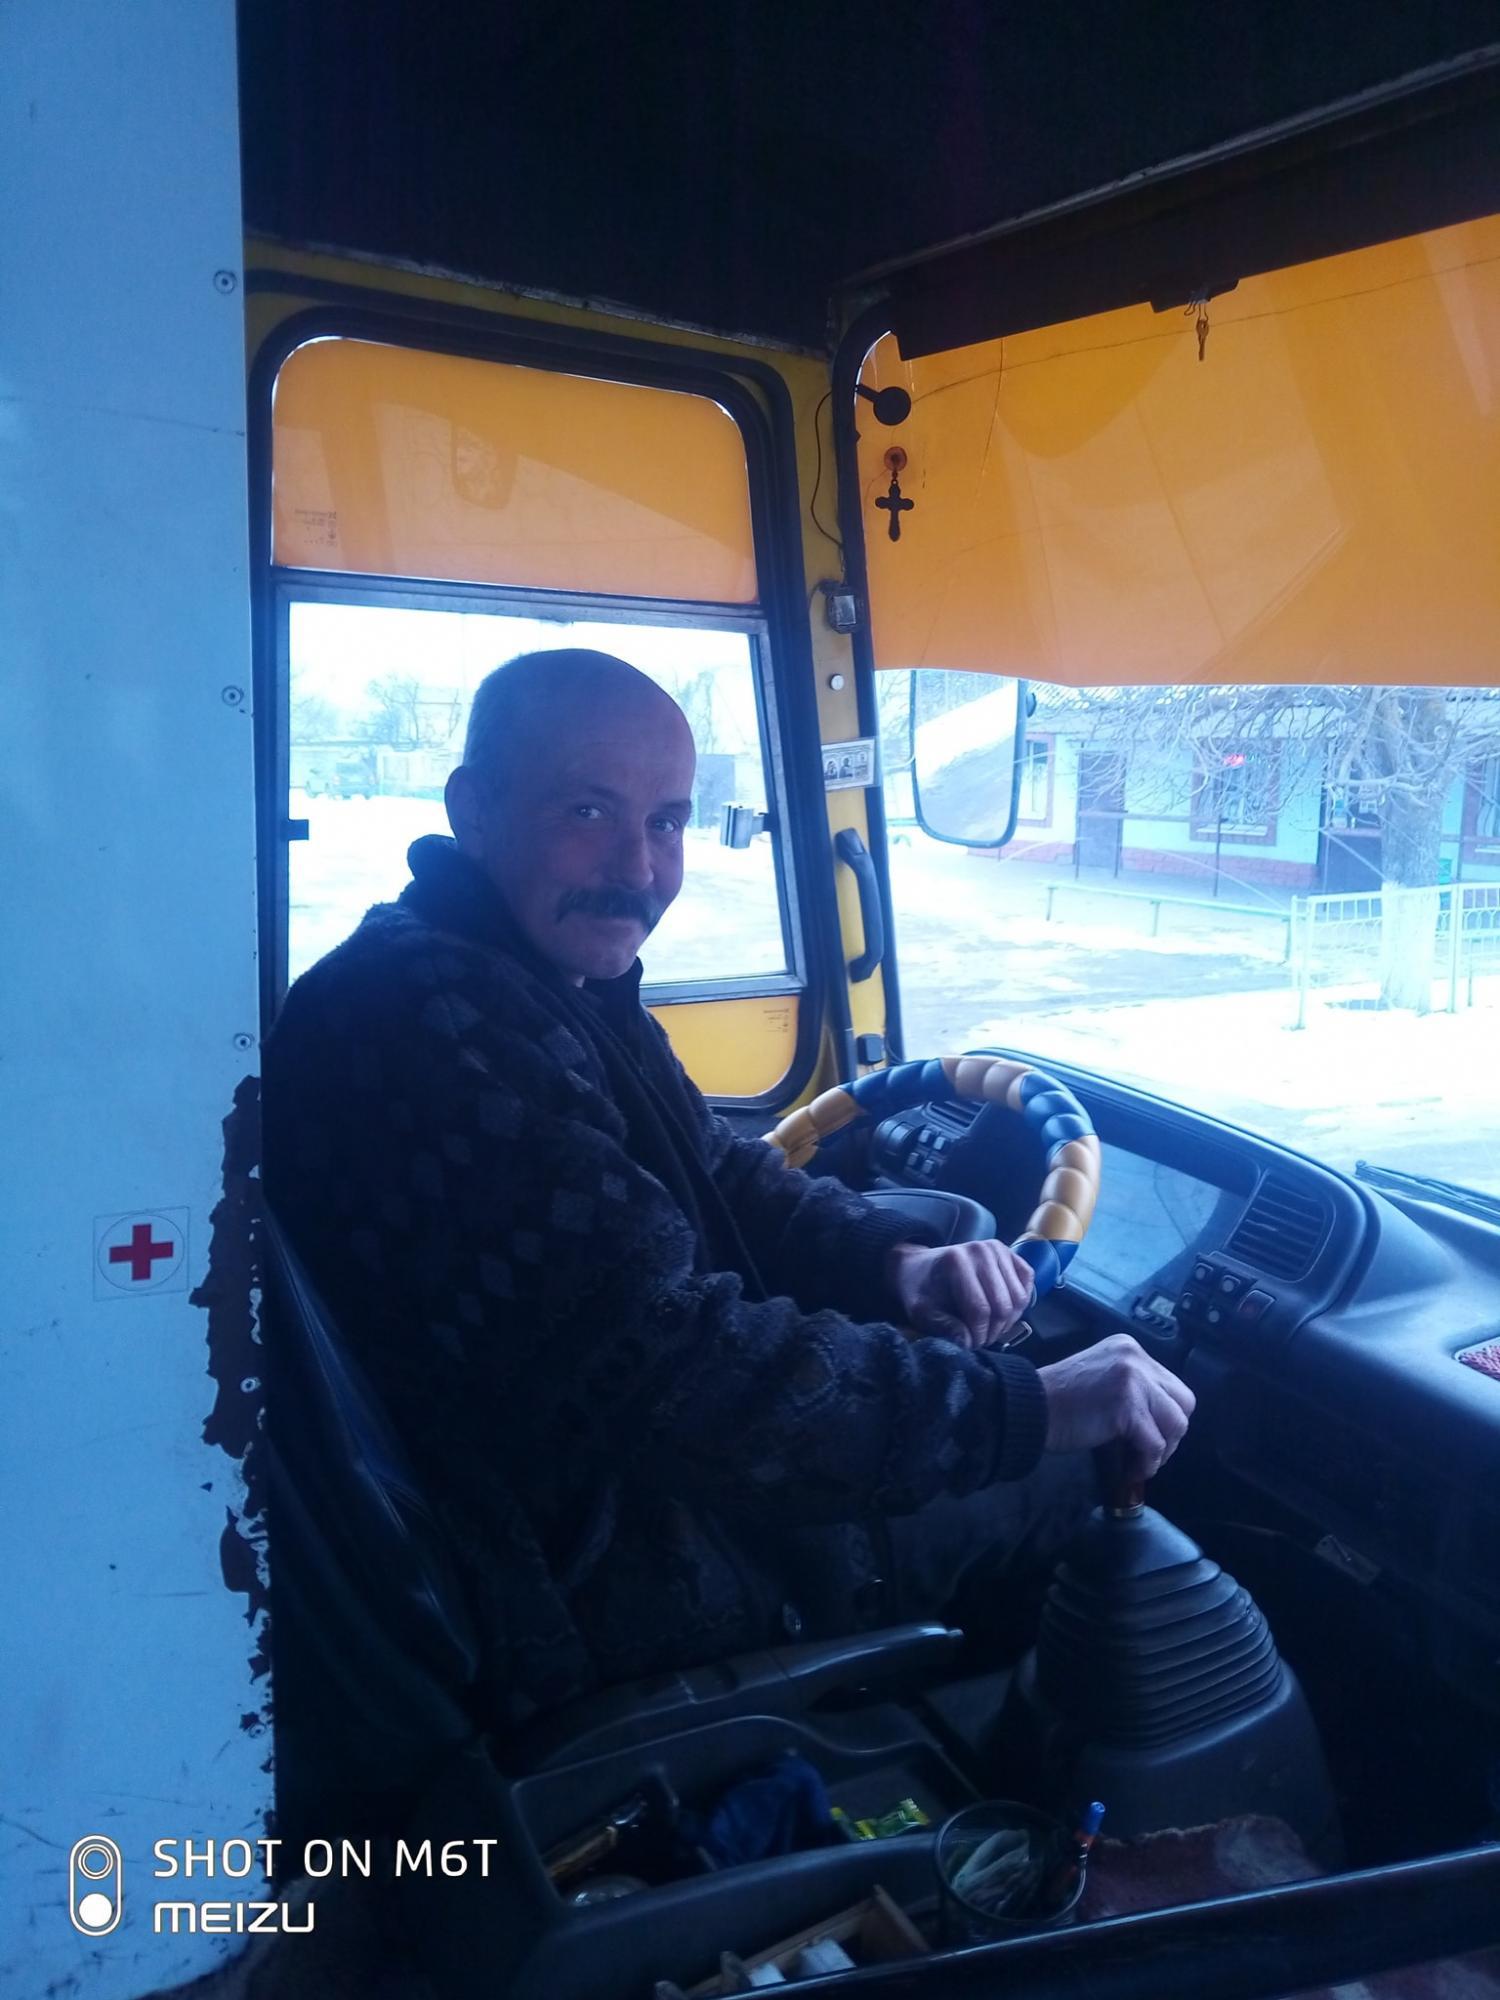 В Херсоне маршрутчик возит отличников бесплатно, чтобы повысить успеваемость в школе